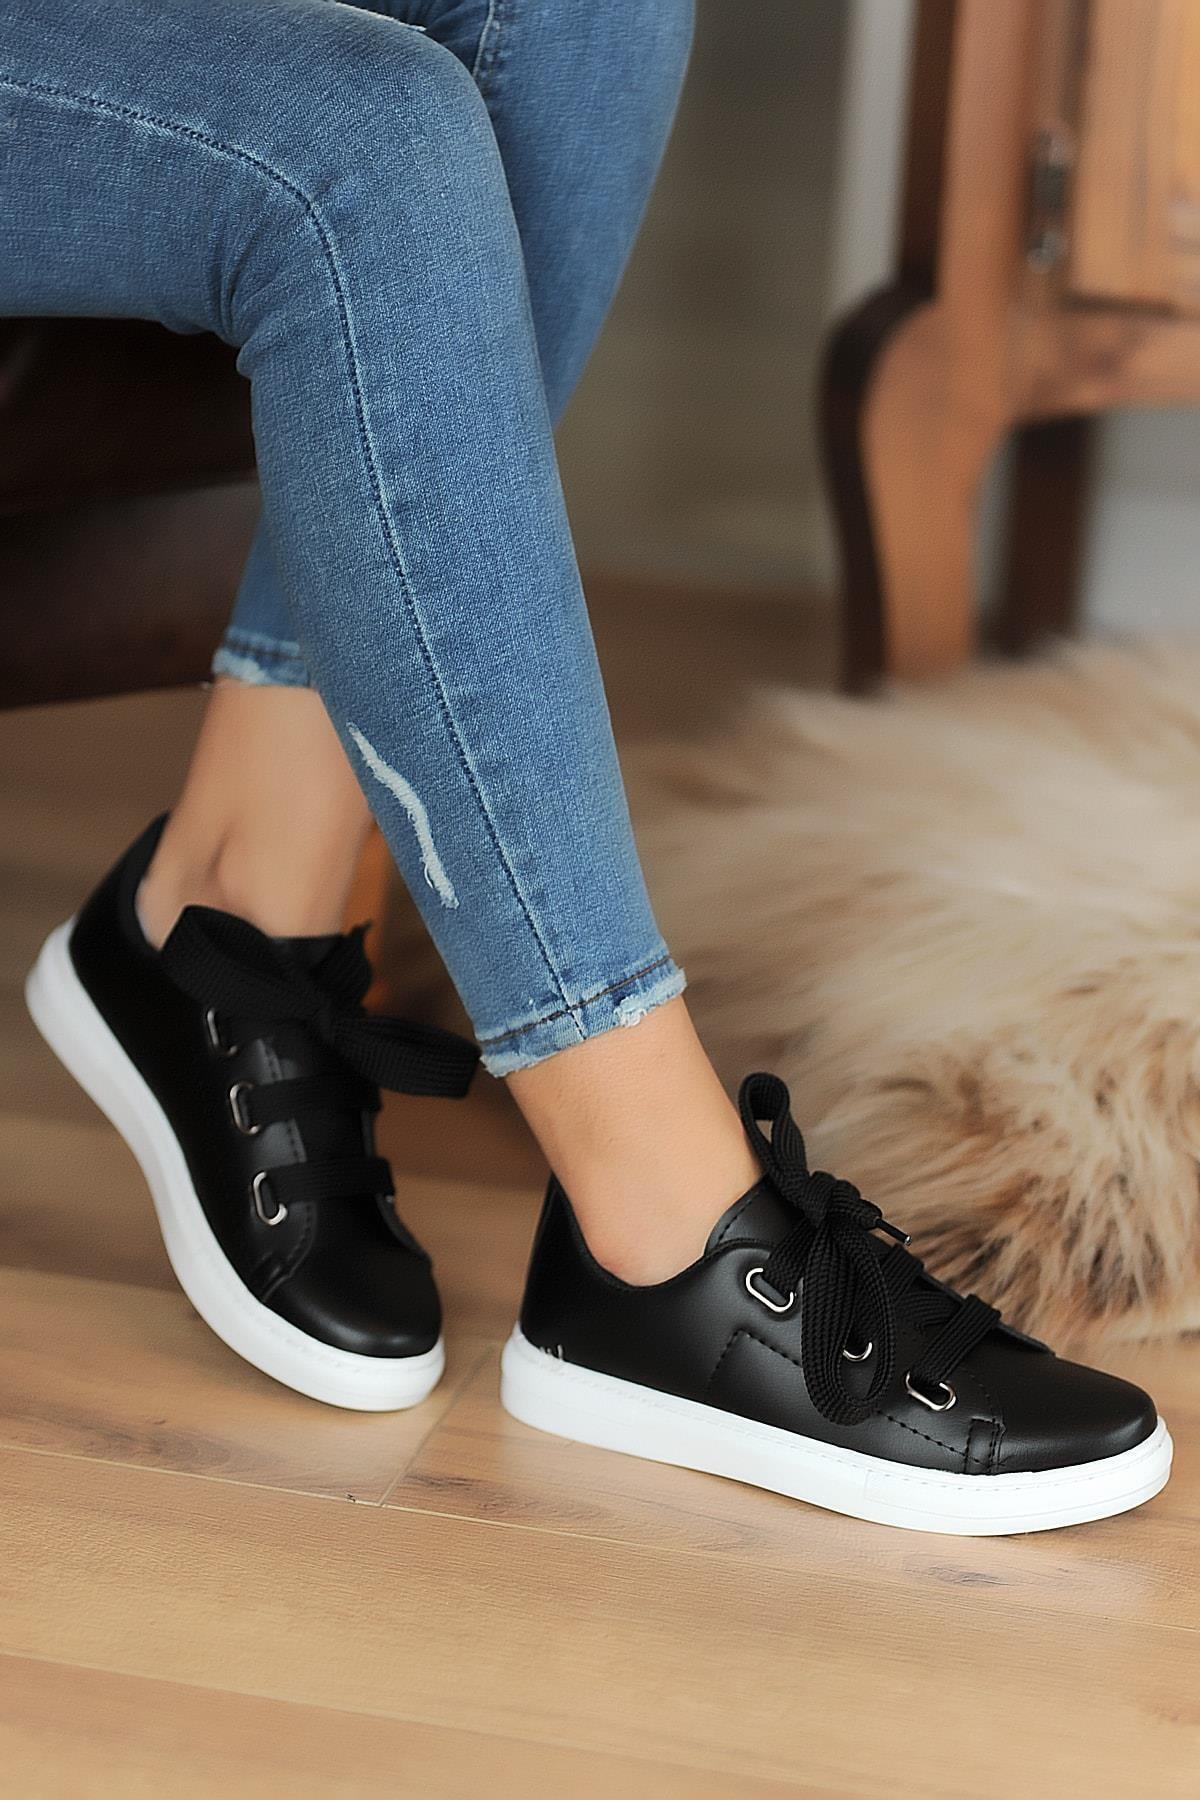 Hediyem Sende Kadın Siyah Kalın Bağcıklı Günlük Casual Ayakkabı 2